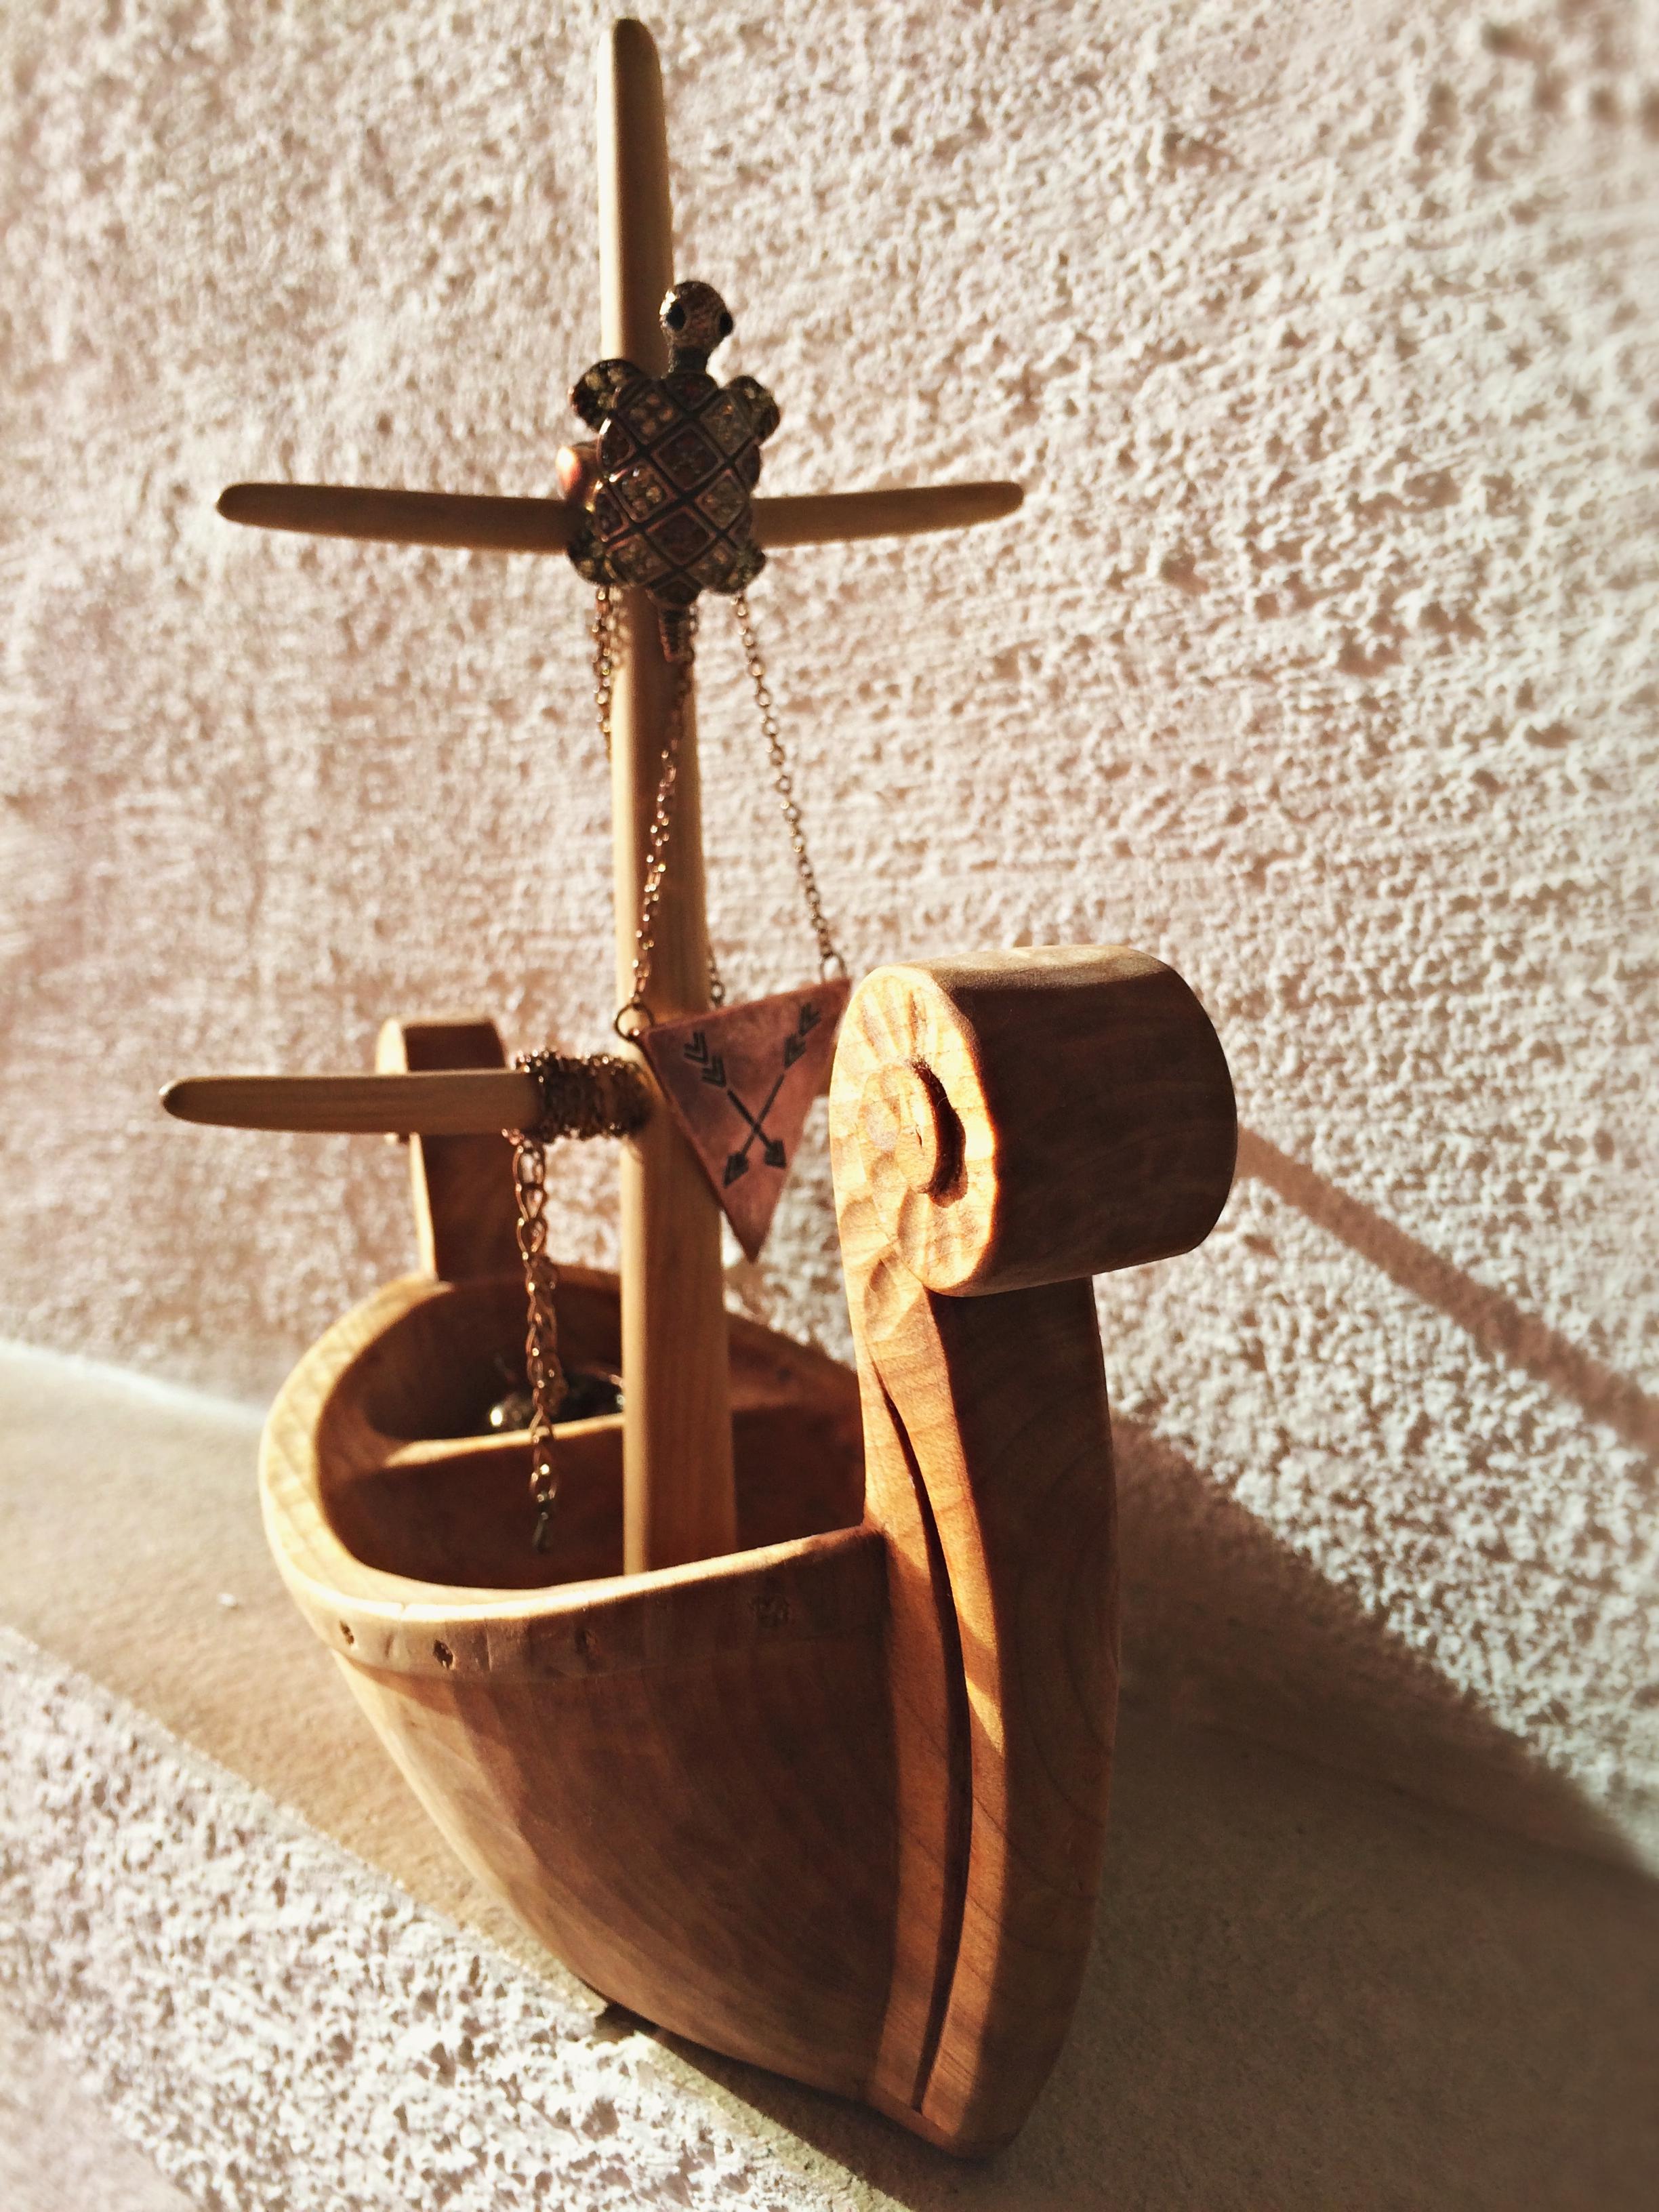 ehtepuu, ehtelaev, käsitöö, puitdisain